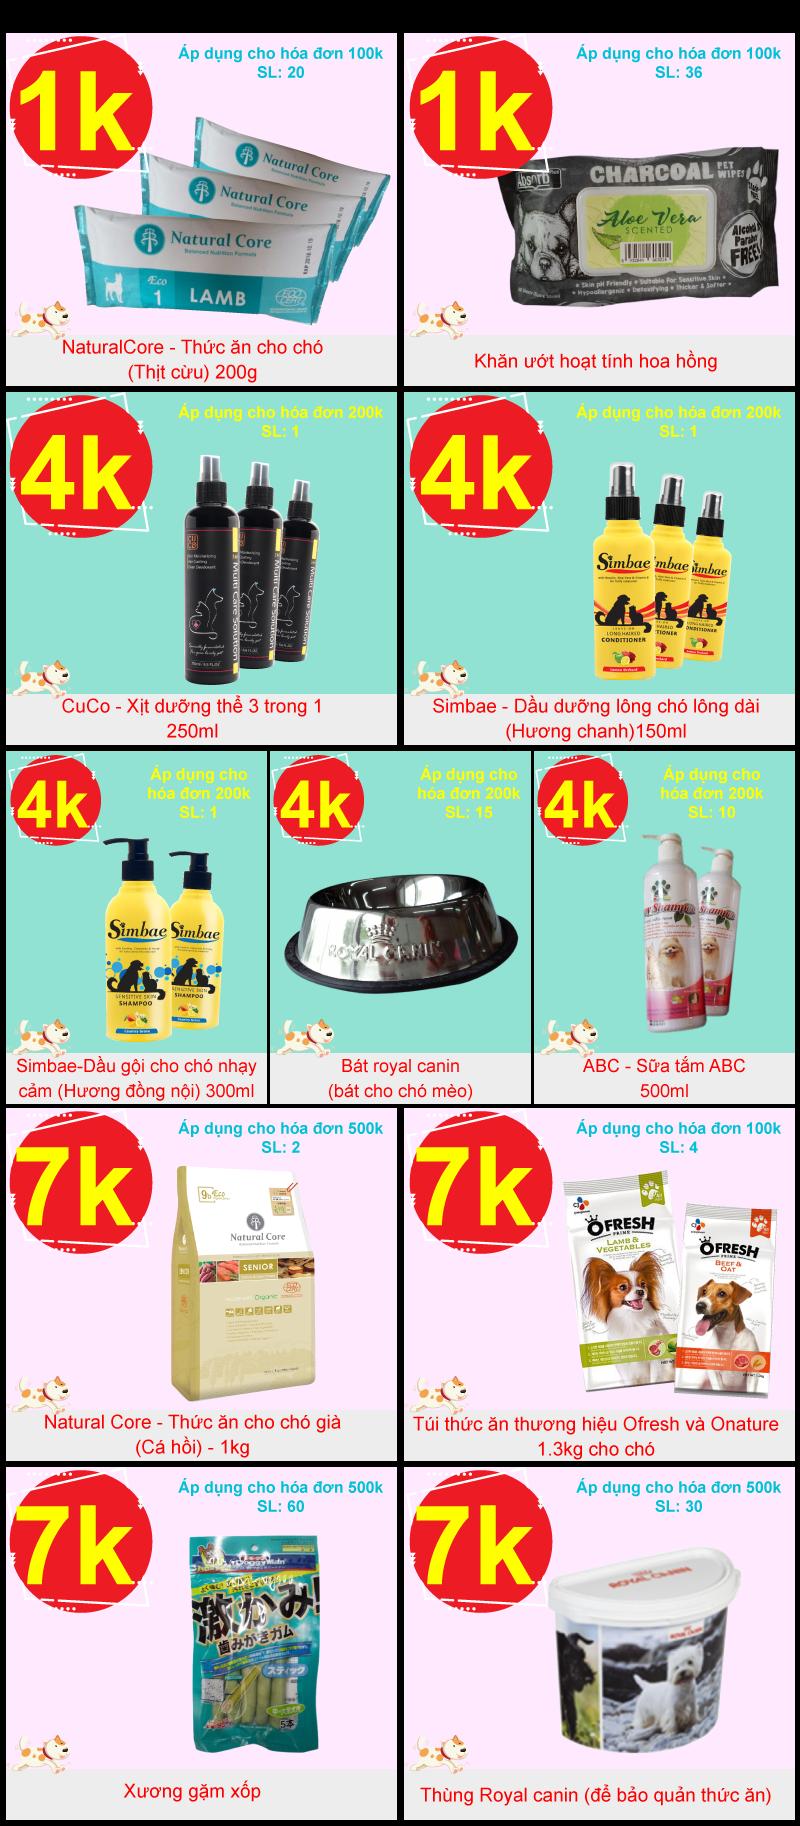 Sắp khai trương Cửa hàng đồ thú cưng PetCity 174 Kim Mã, Hà Nội 02/12/2017 - New Concept Flagship Store